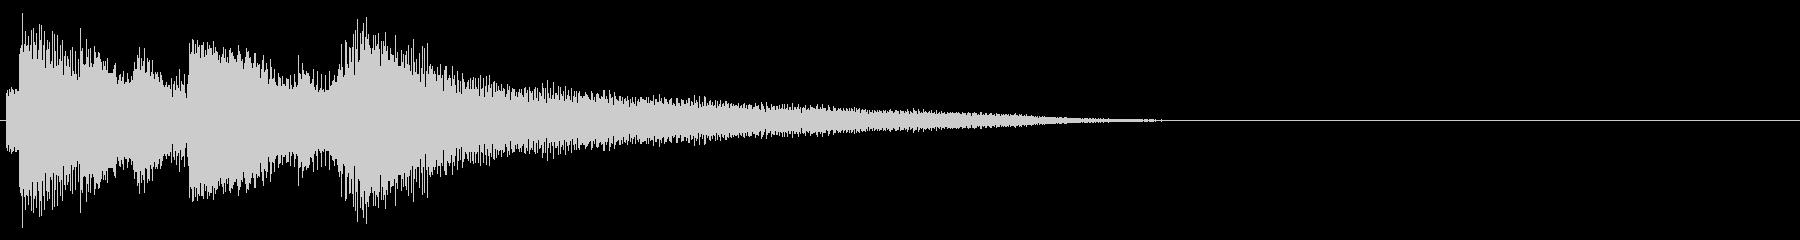 エンディングのジングル【2】の未再生の波形